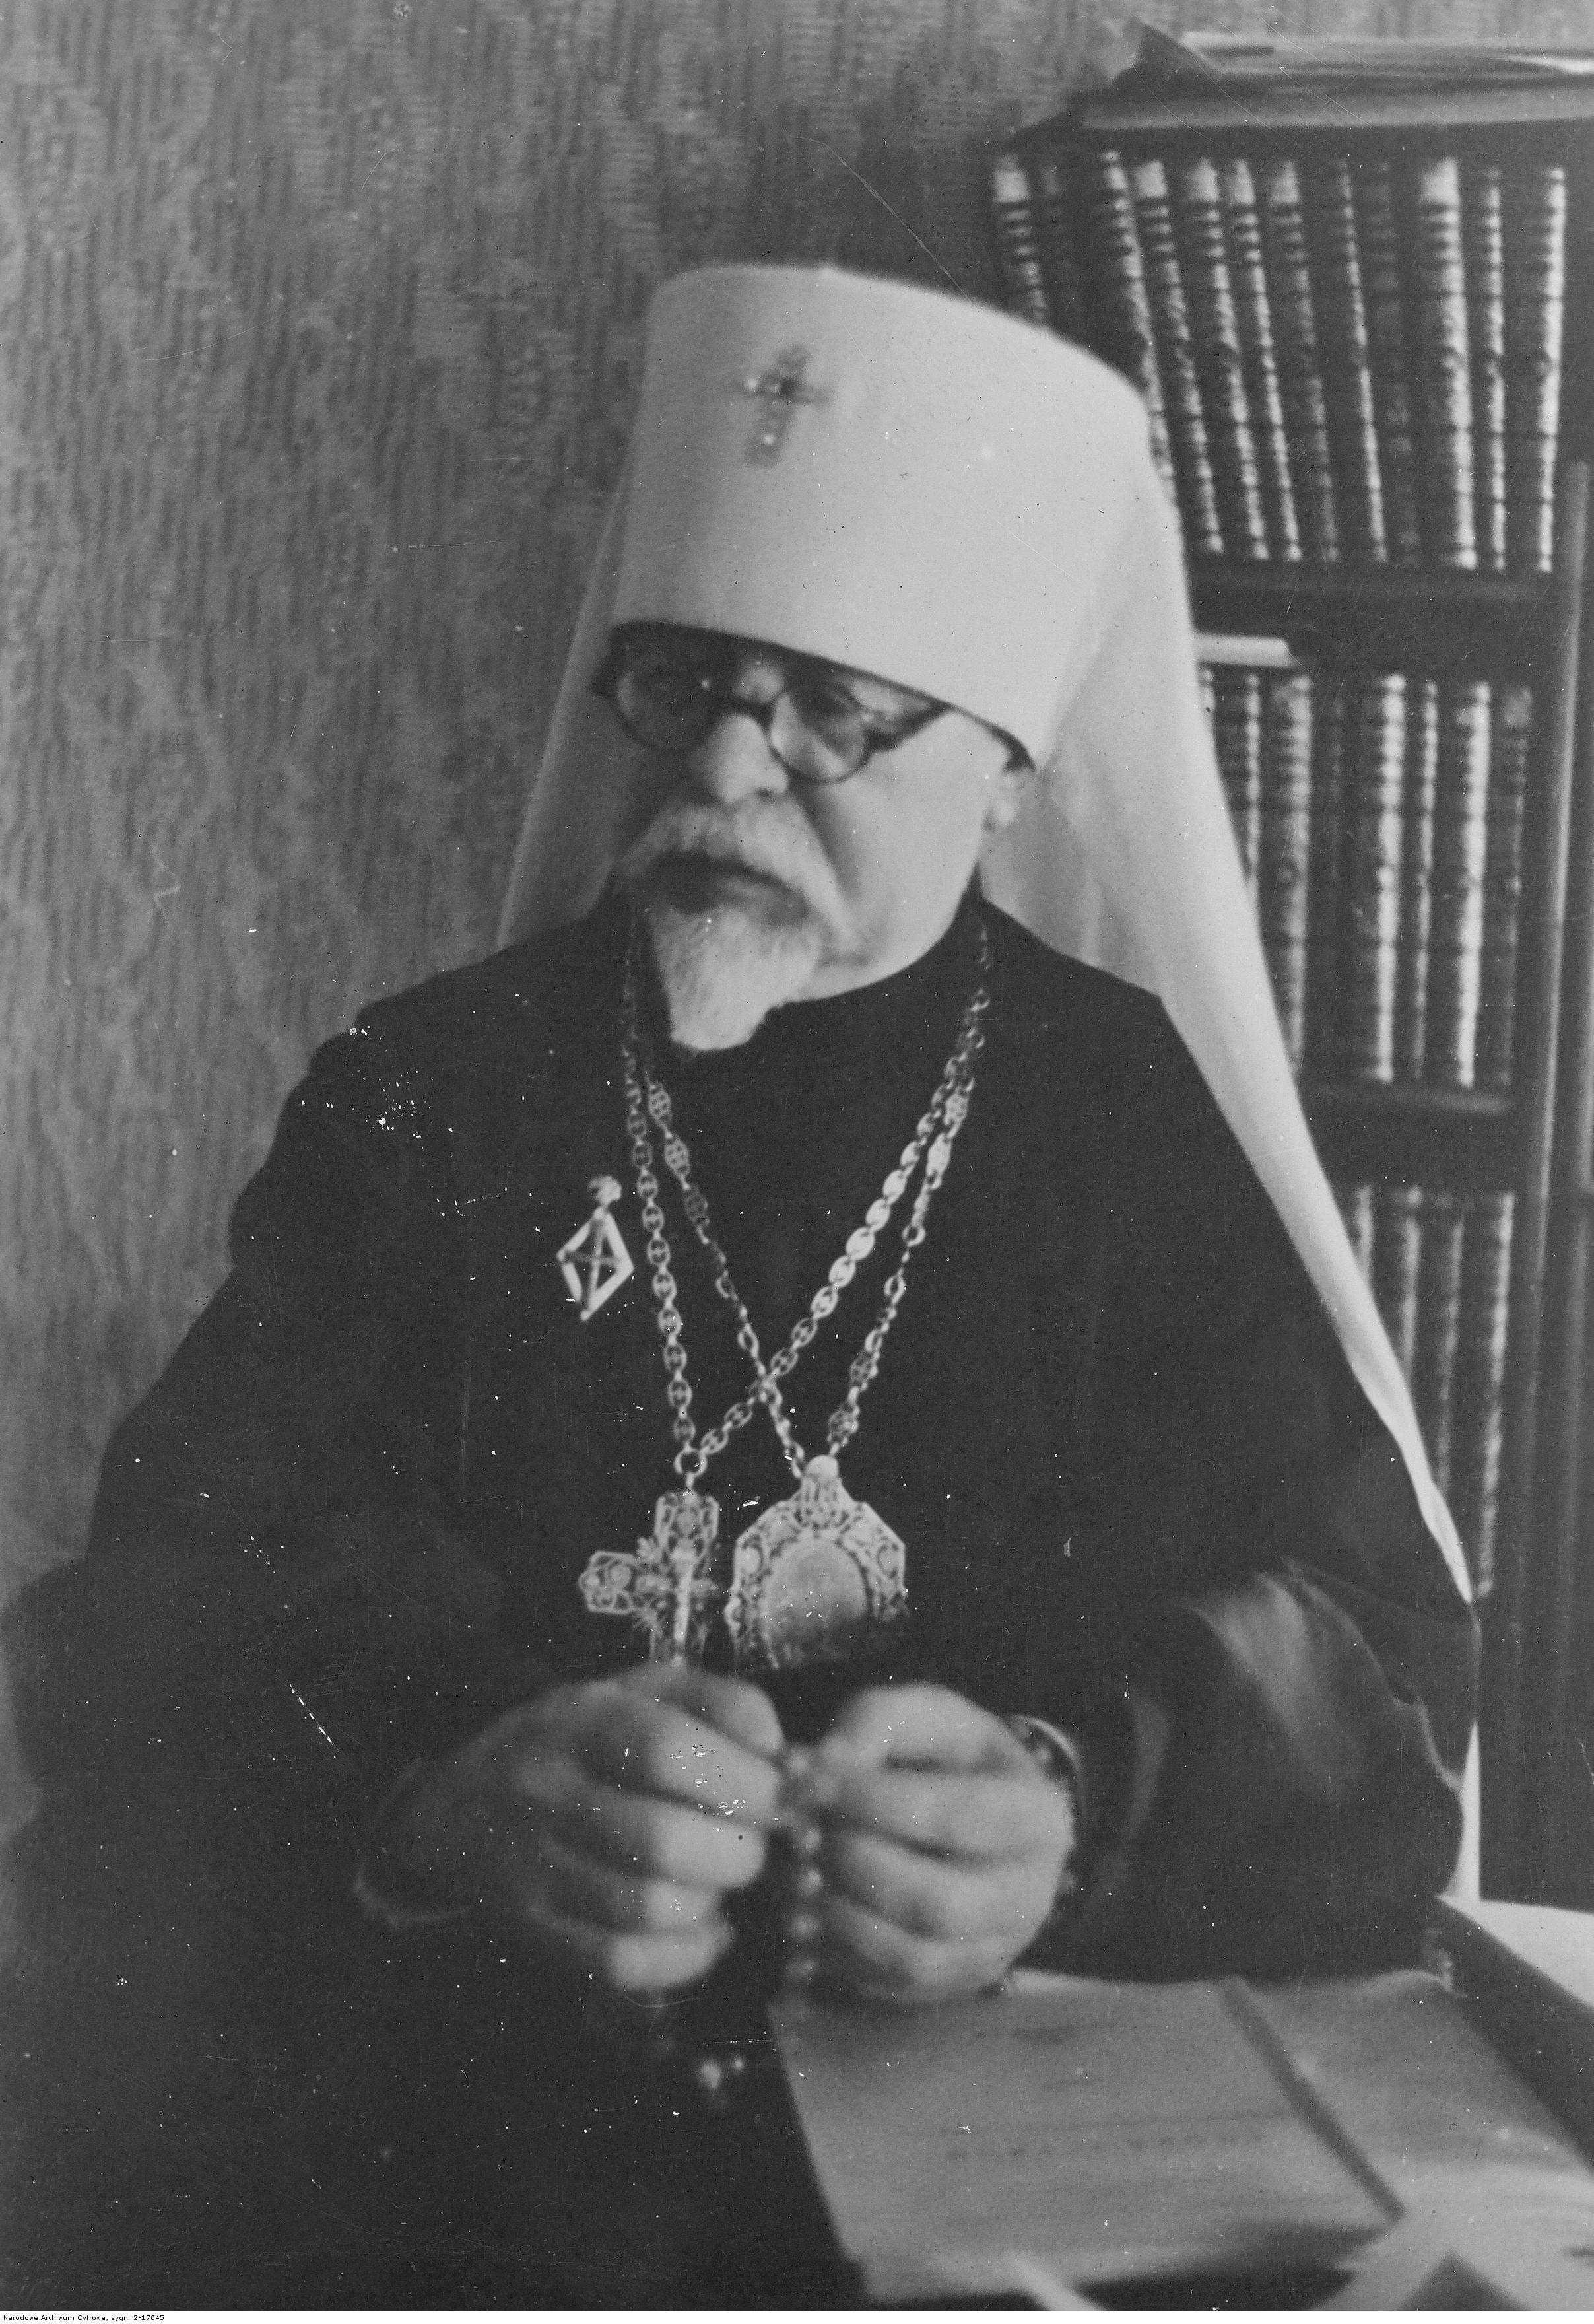 1944. Иларион (Иван Иванович Огиенко), епископ Украинской Автокефальной Православной Церкви в ведении архиепископа Поликарпа